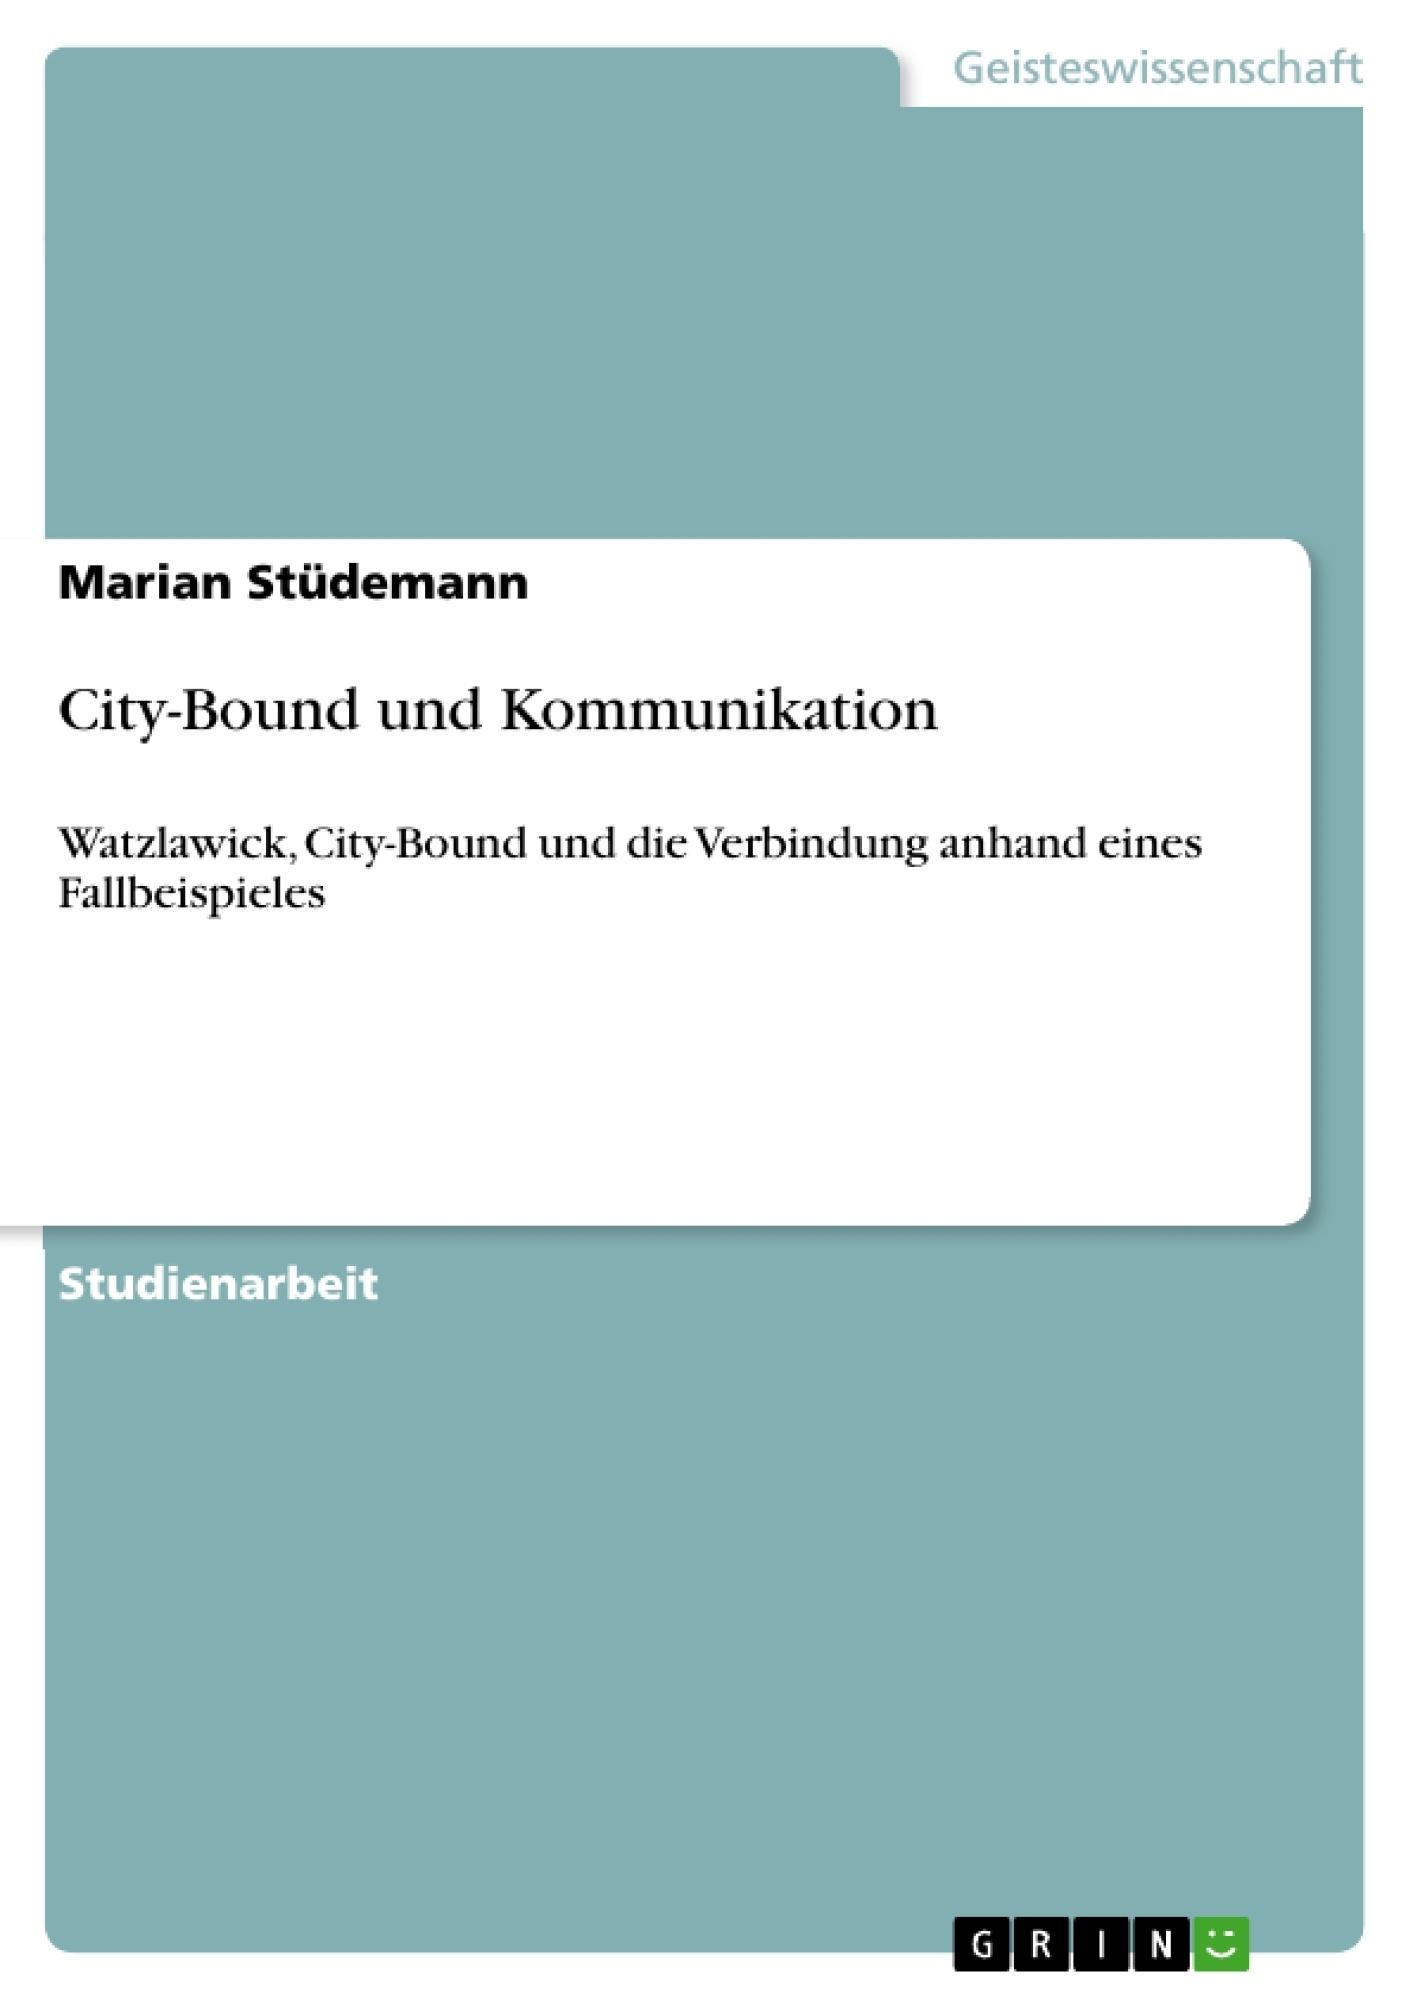 Titel: City-Bound und Kommunikation